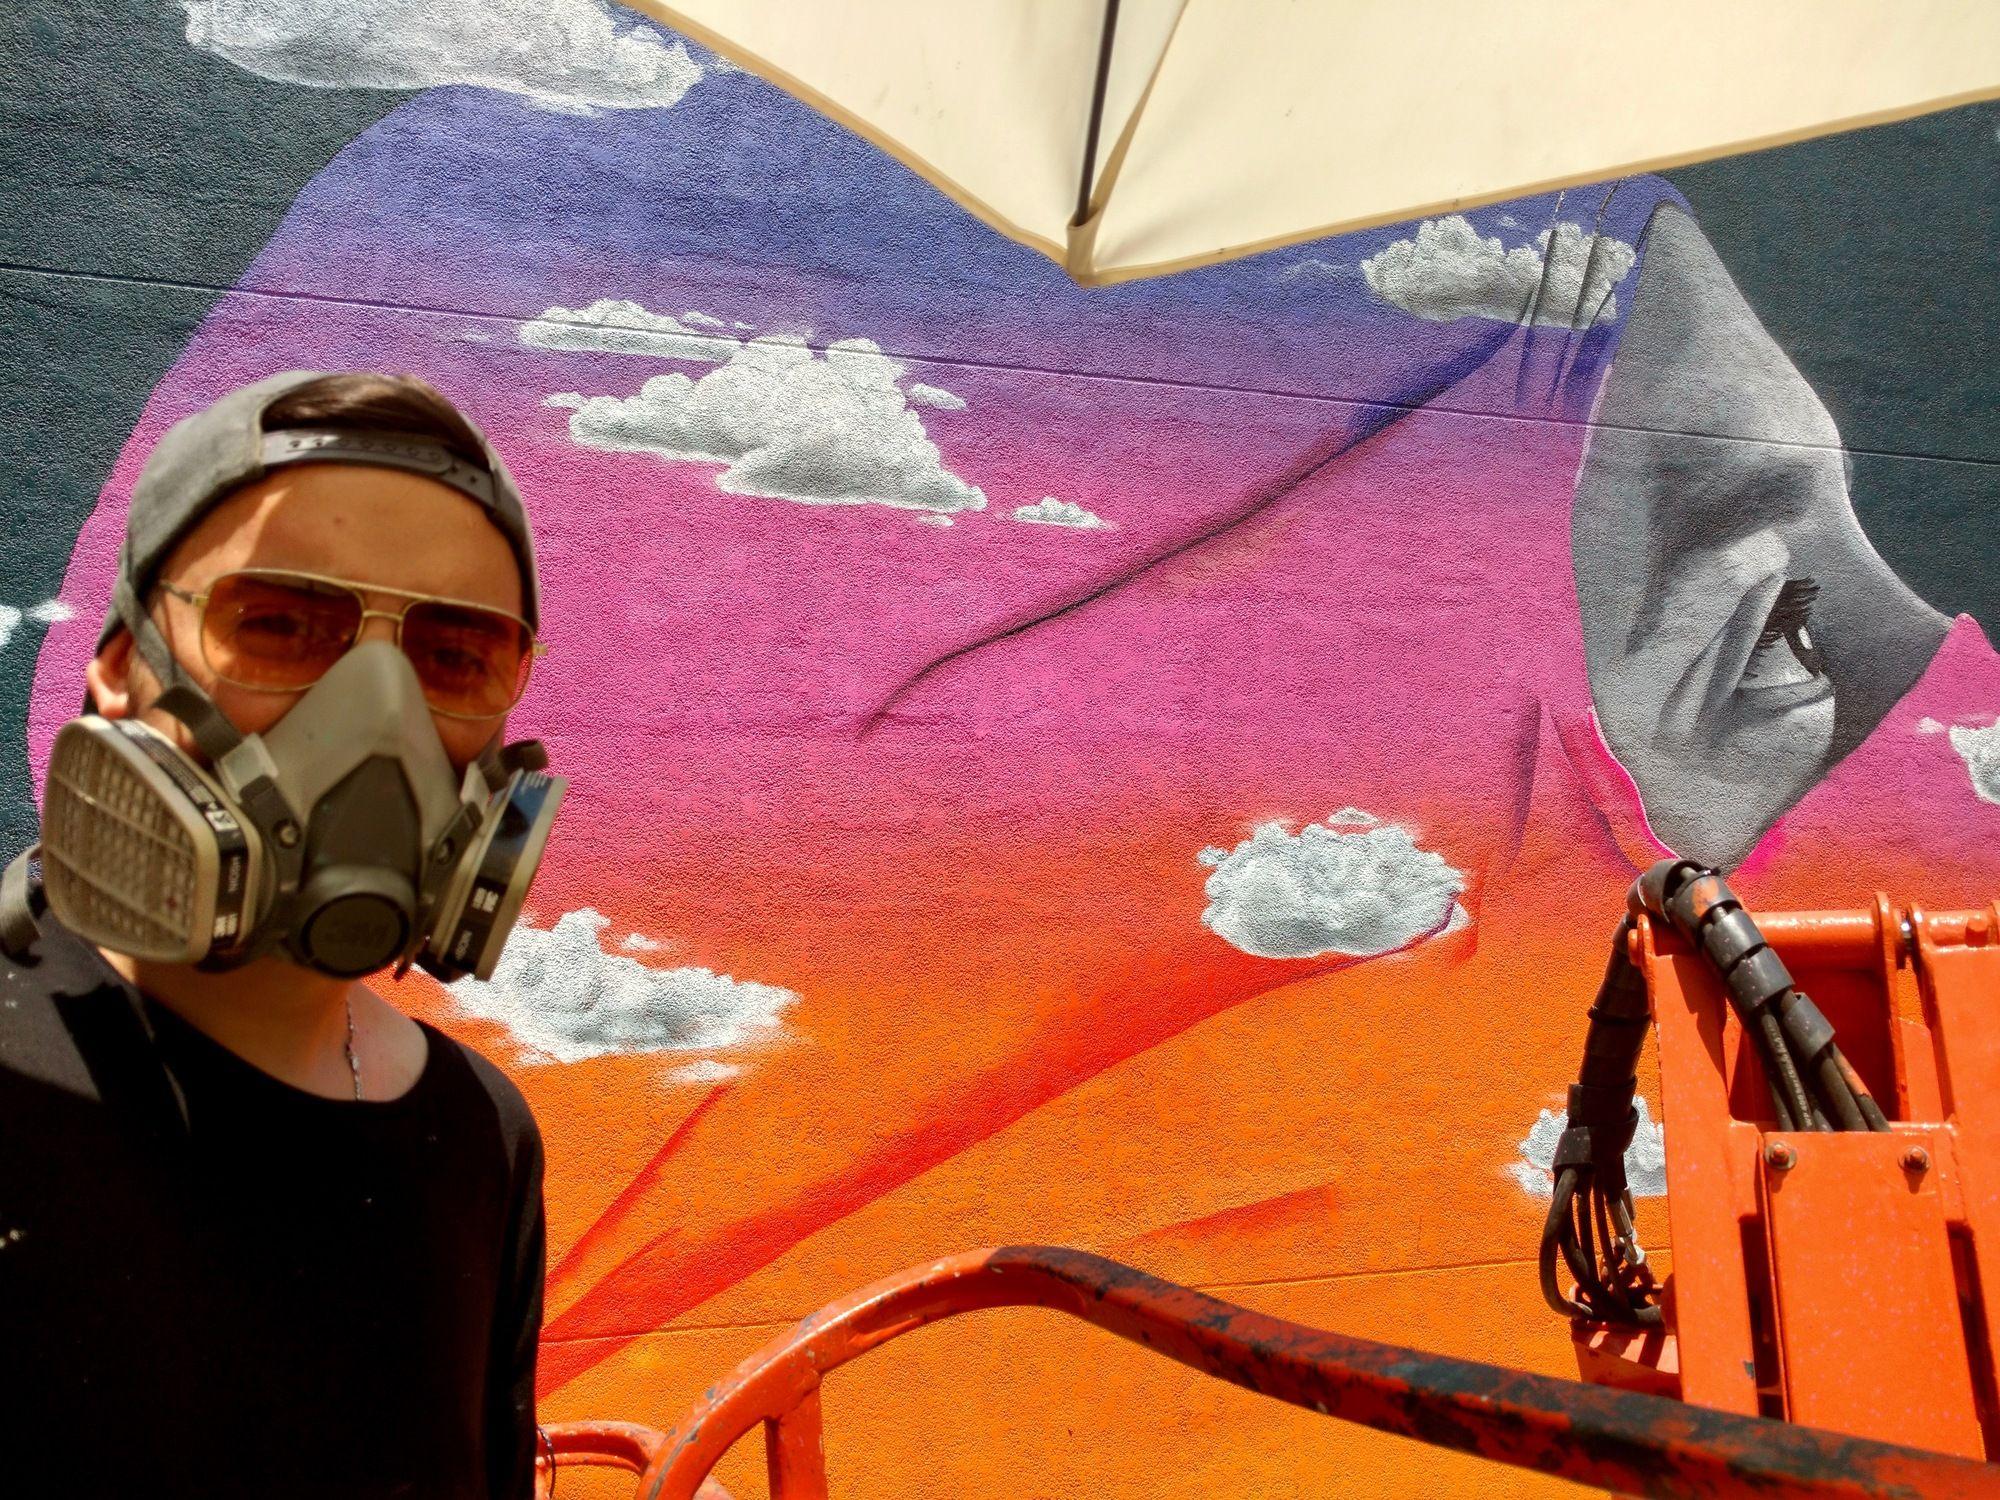 Arte y Ciudad. Entrevista a Dasic Fernández: 'Lo que sí me mueve y siento es cuando me dicen que la obra inspira'